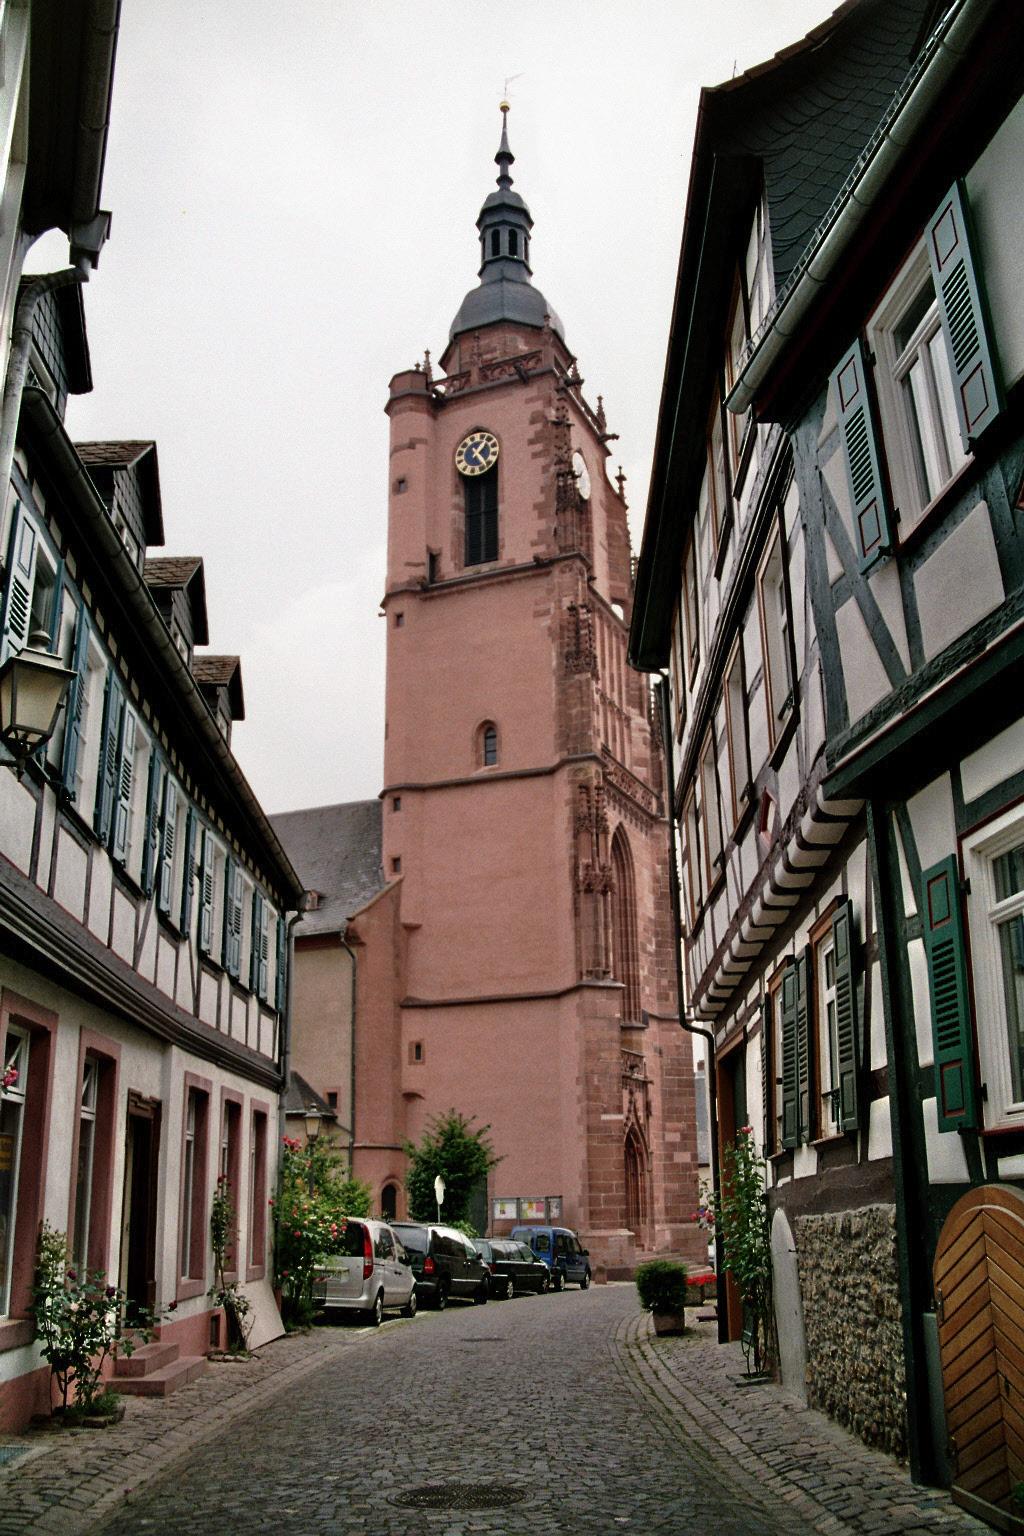 Eltville kirche